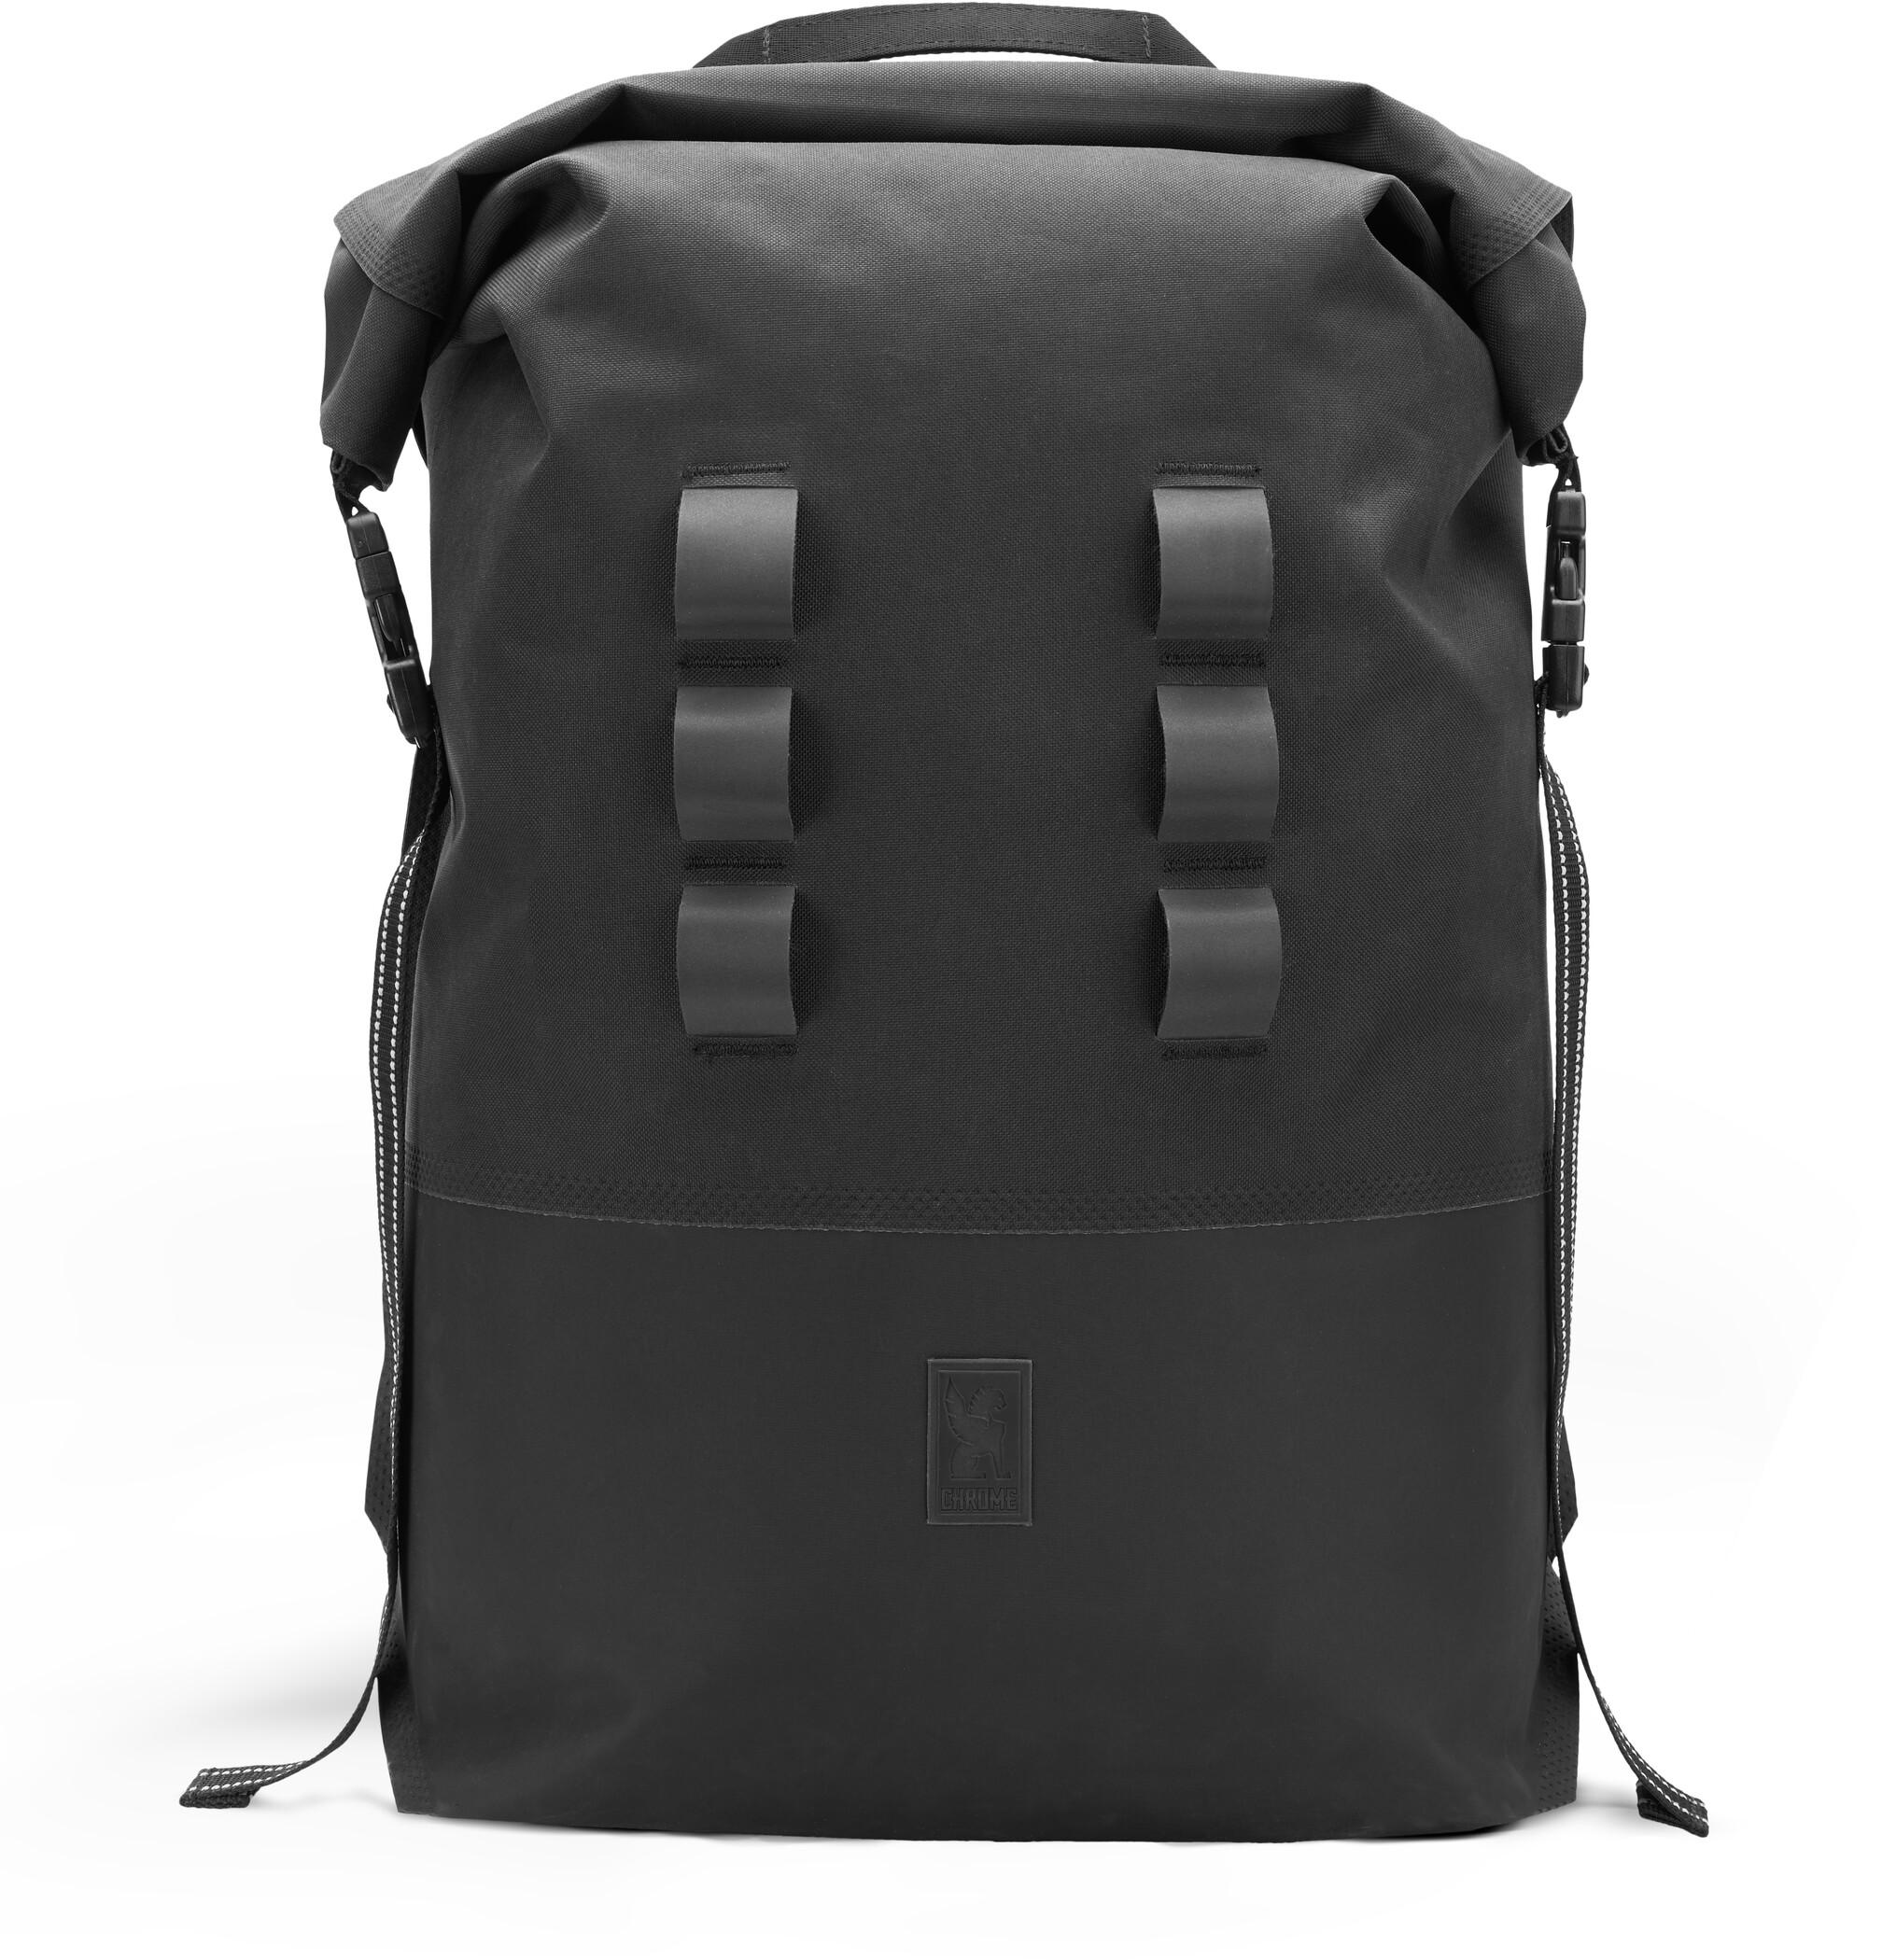 chrome urban ex 2 0 sac a dos rolltop 30l black boutique de velos en ligne bikester fr